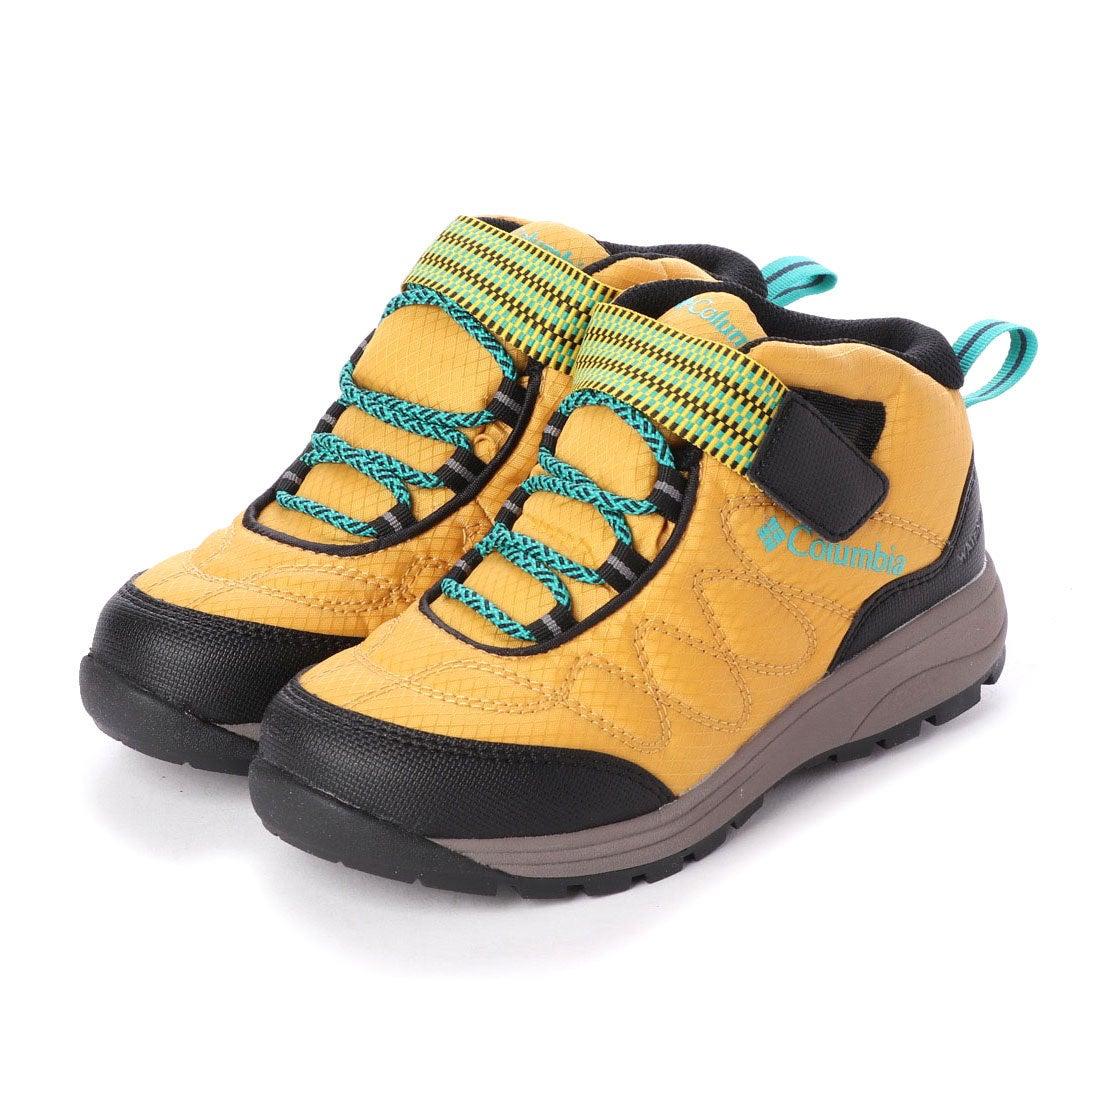 ロコンド 靴とファッションの通販サイトコロンビア COLUMBIA トレッキング シューズ YOUTH WILDQUEST MID WATERPROOF YY1123 8385